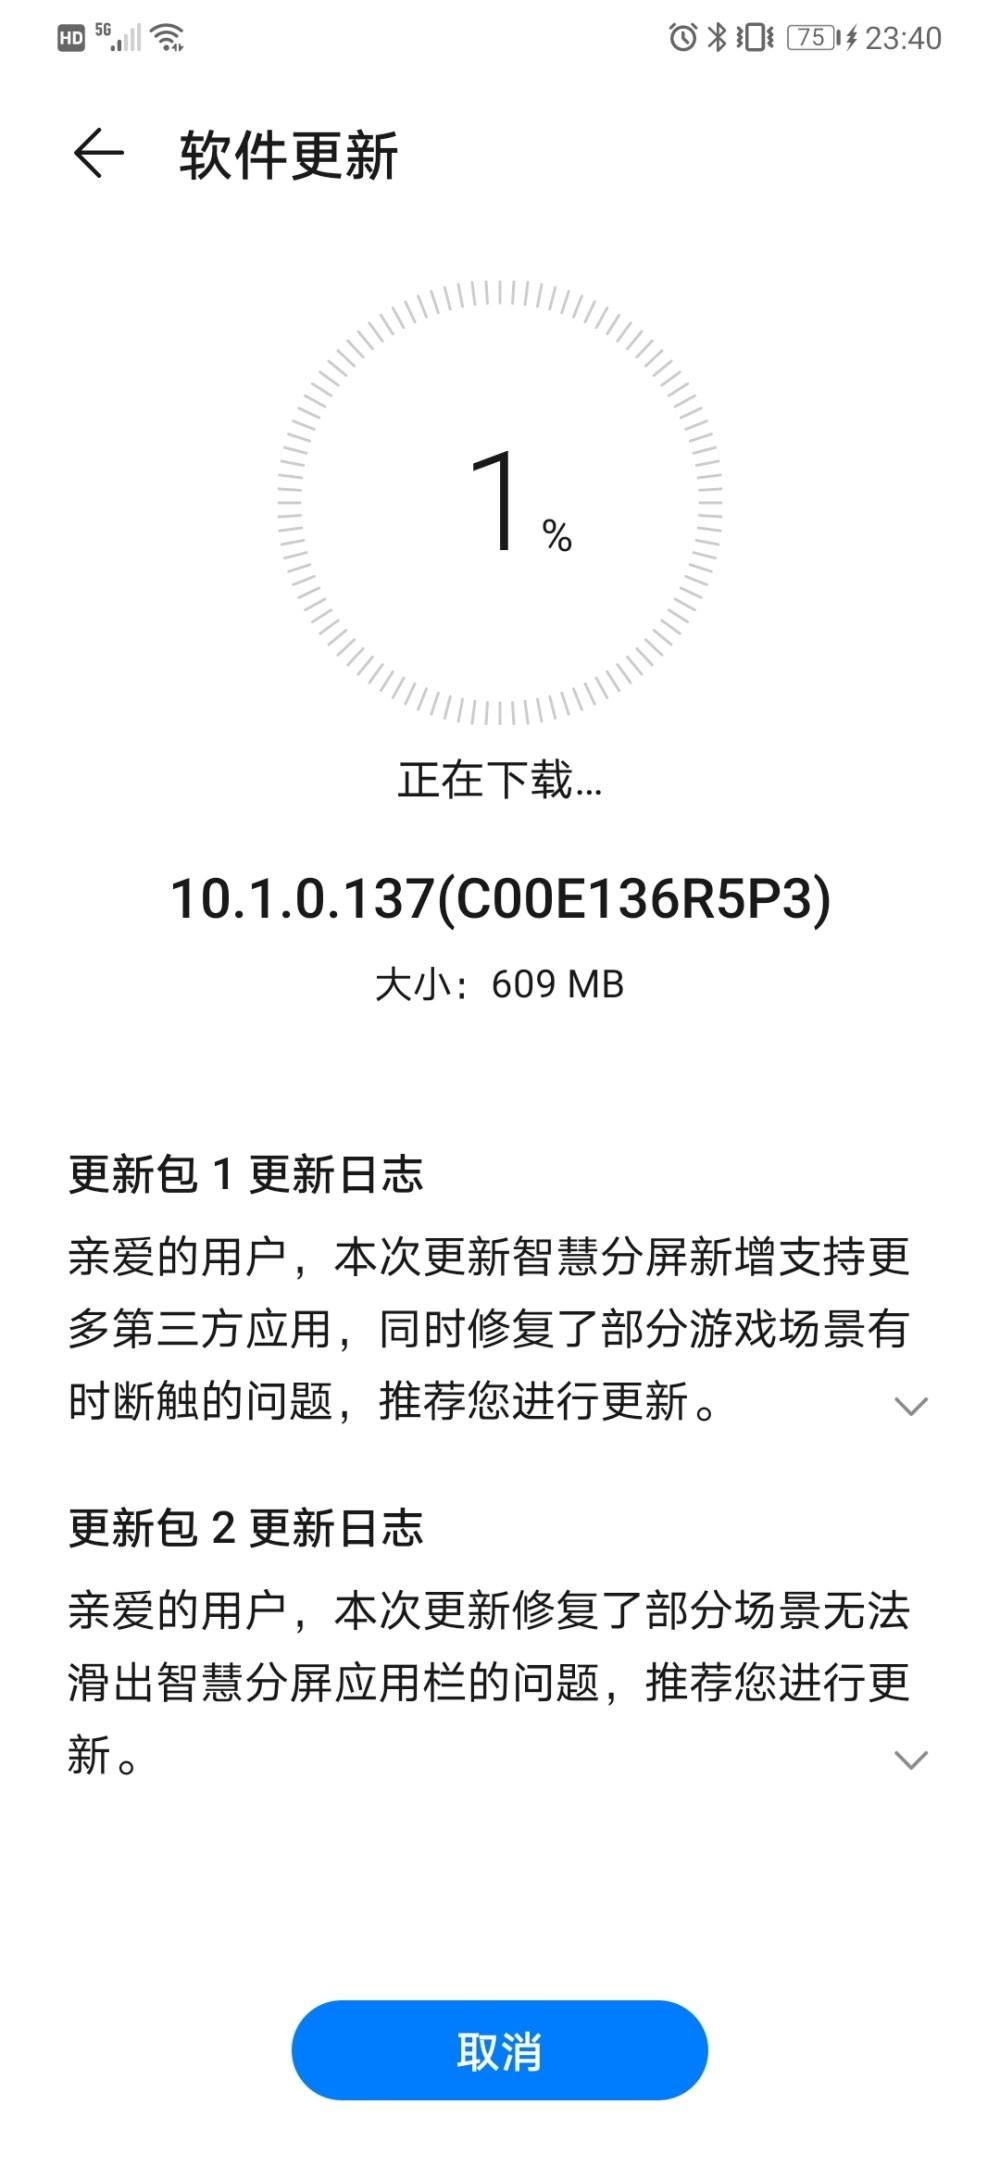 Huawei Mate 30 EMUI 10.1.0.137